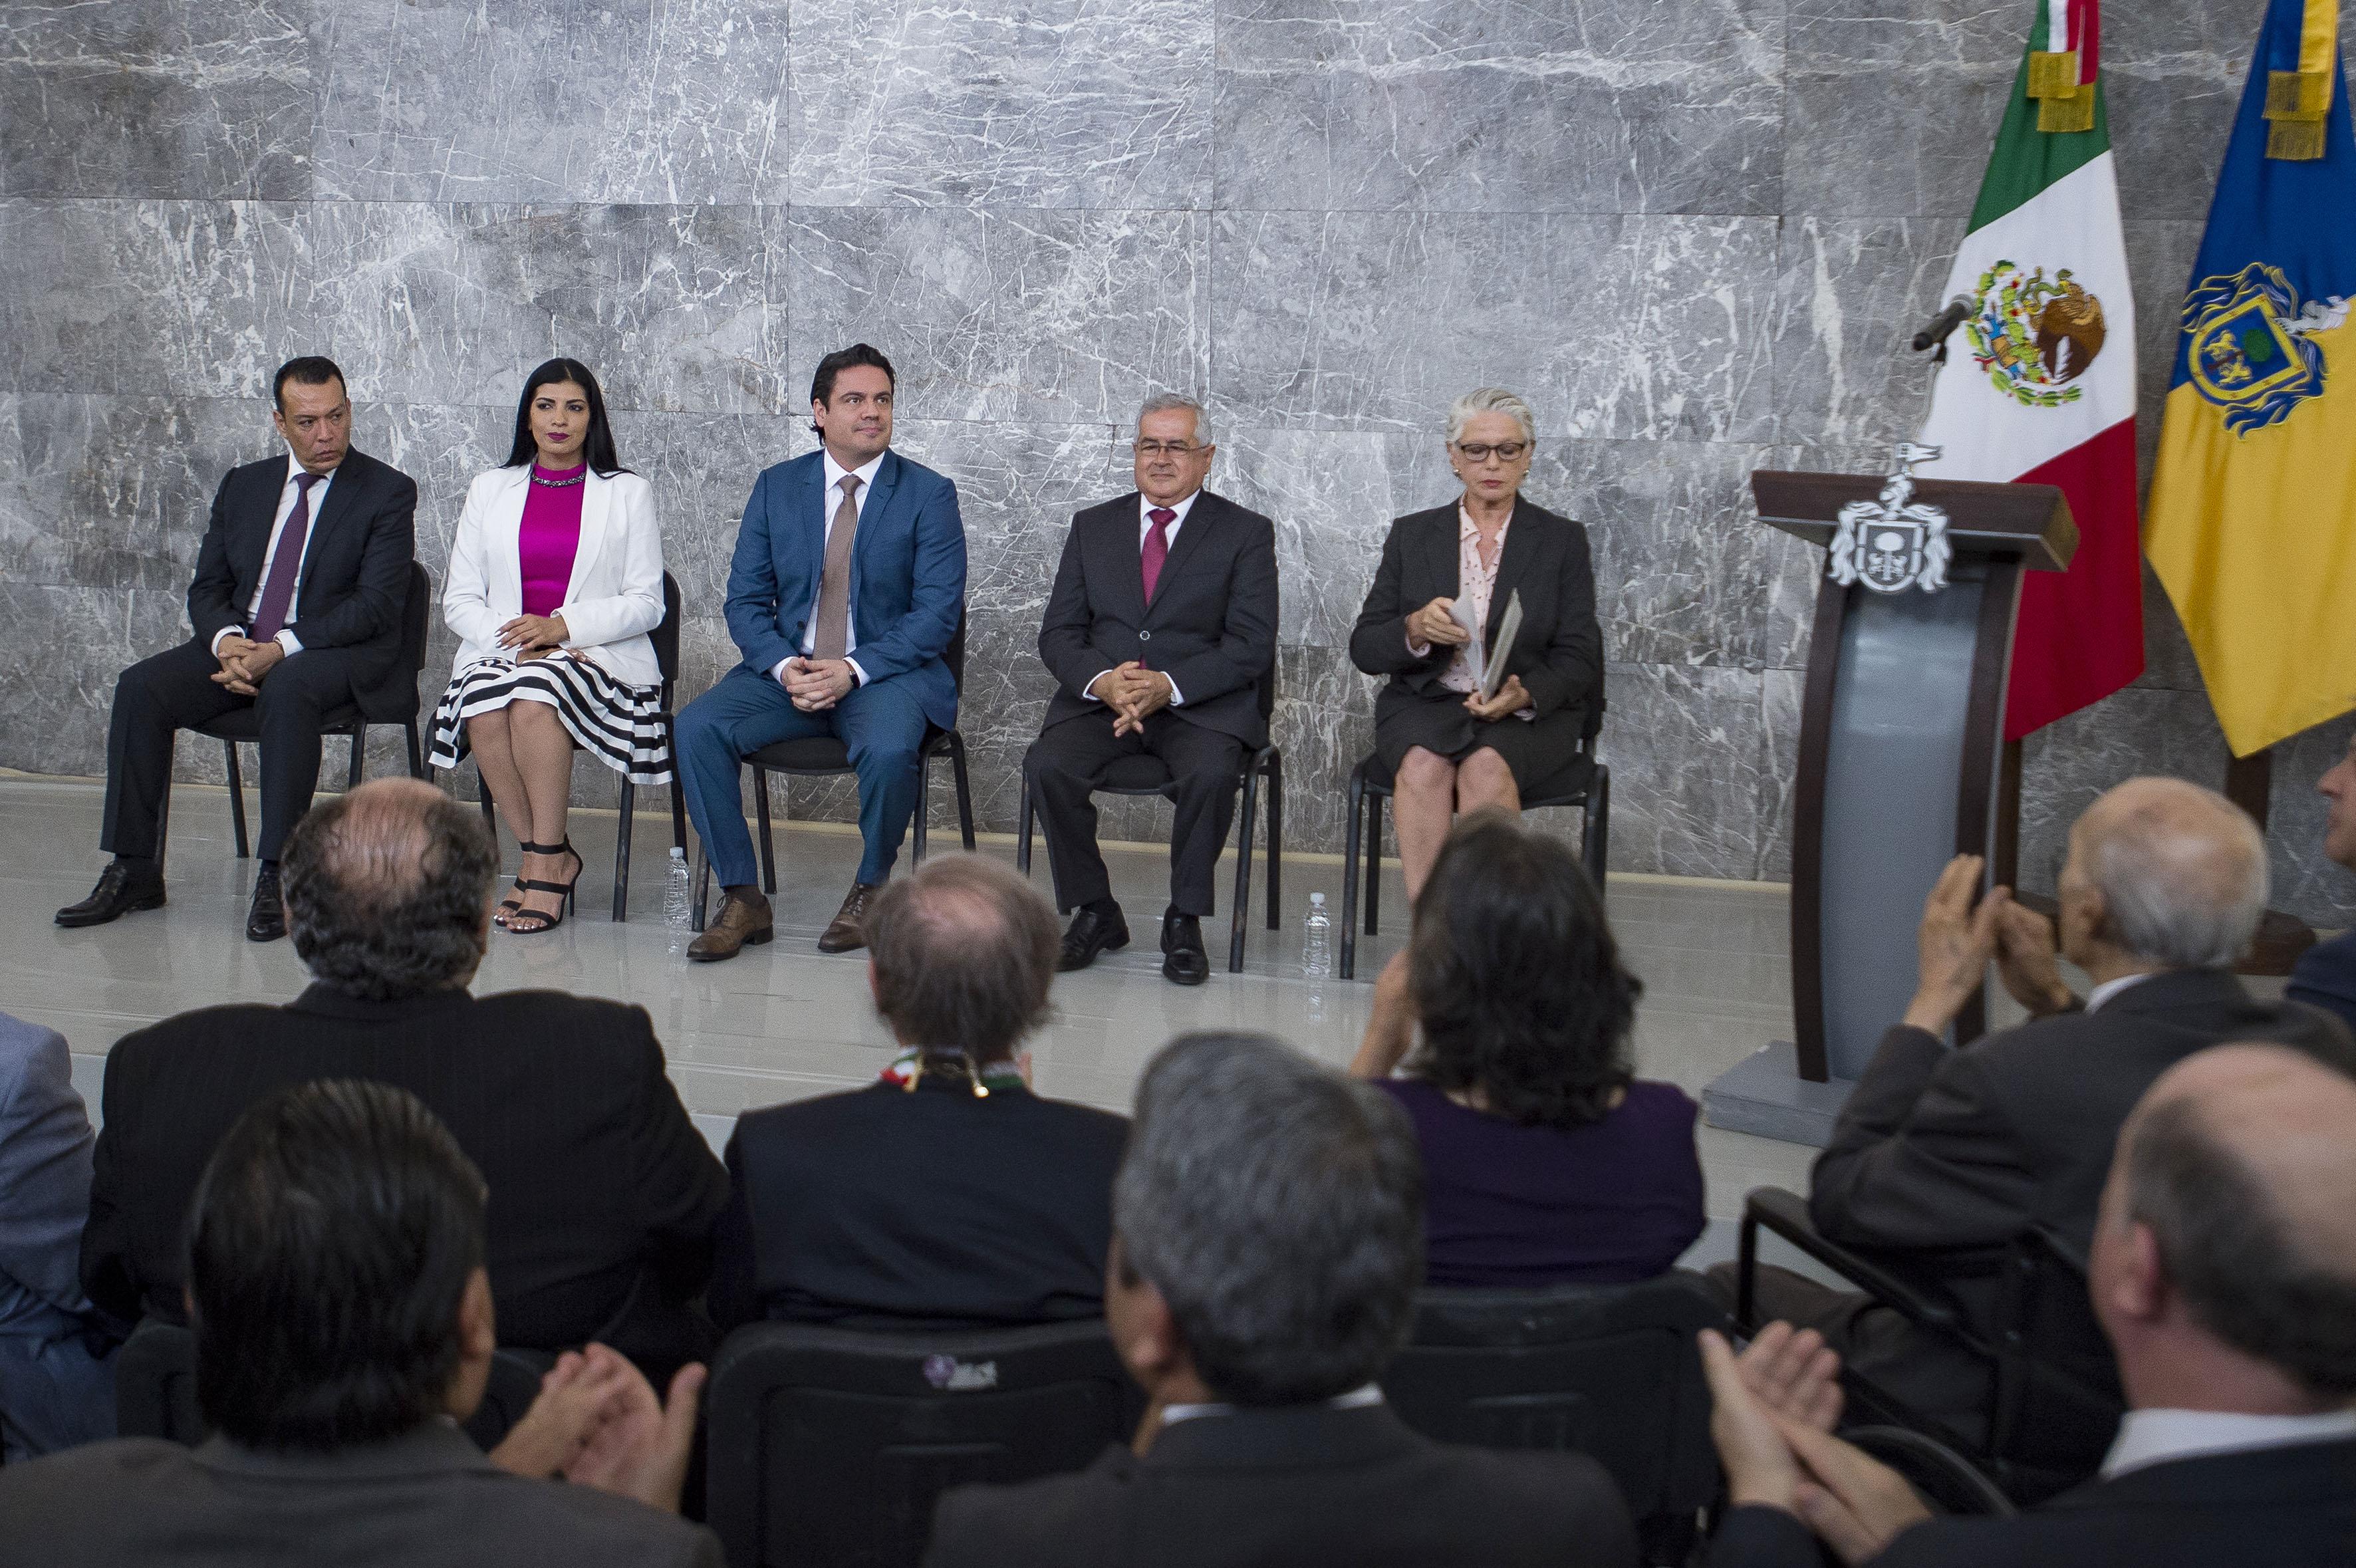 Ceremonia de entrega de las distinciones que se realizó en el marco de la conmemoración del 194 Aniversario de la Creación del Estado Libre y Soberano de Jalisco, en el exrecinto Legislativo de Palacio de Gobierno.